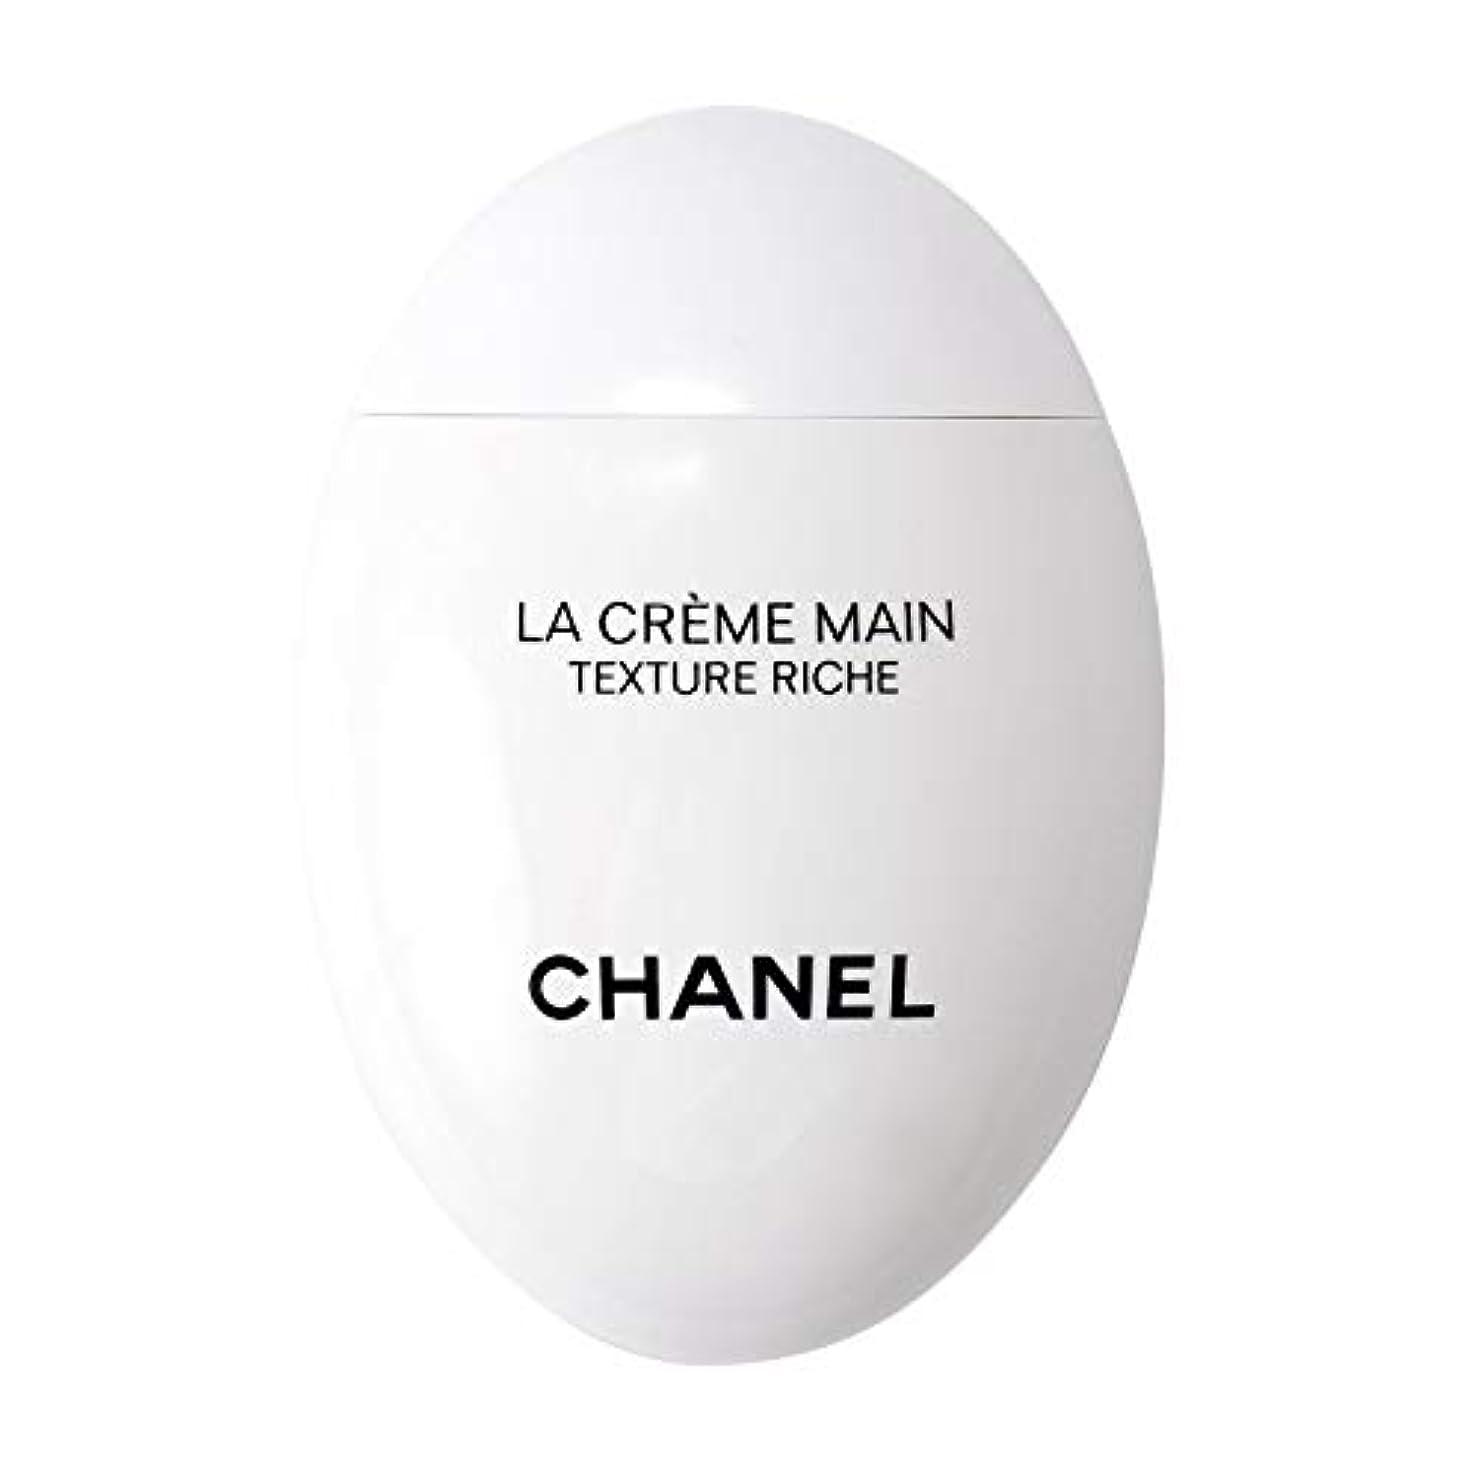 ラジウムびんうまくいけば[ギフトラッピング] シャネル CHANEL ハンドクリーム 50ml ラ クレーム マン ショップバッグ付き (50ml)